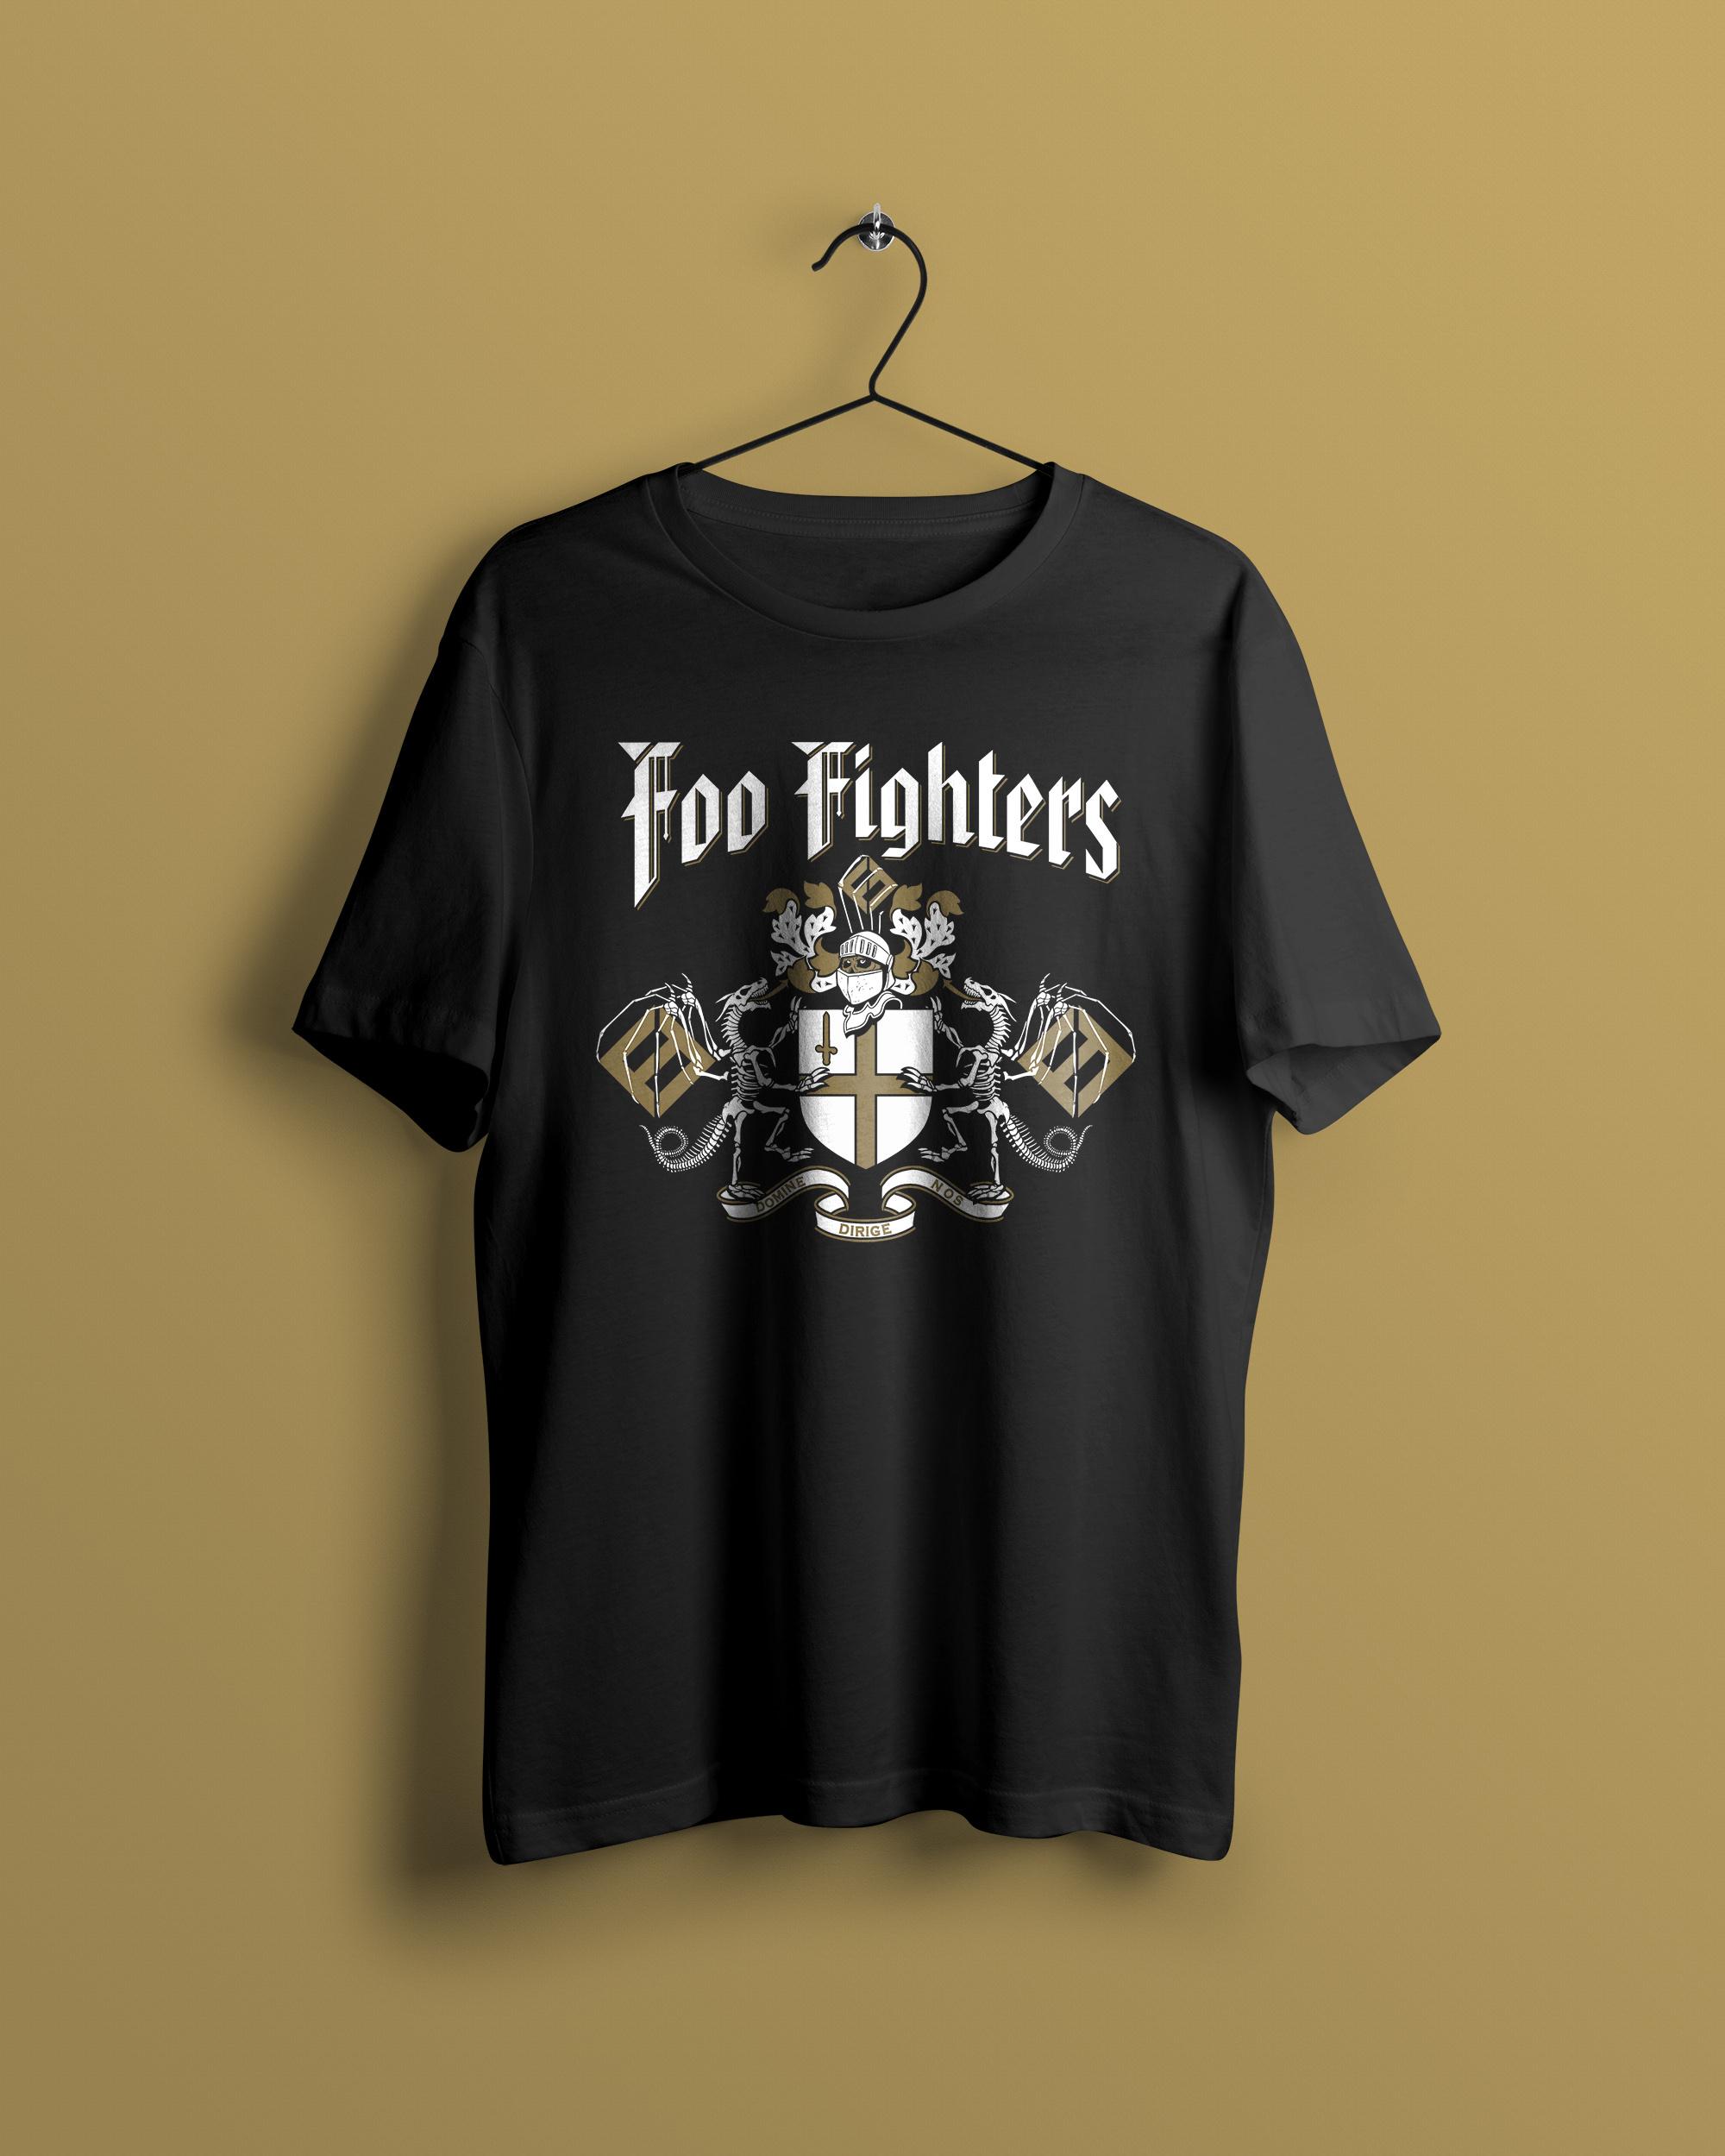 foo-fighters-arms-hanging.jpg